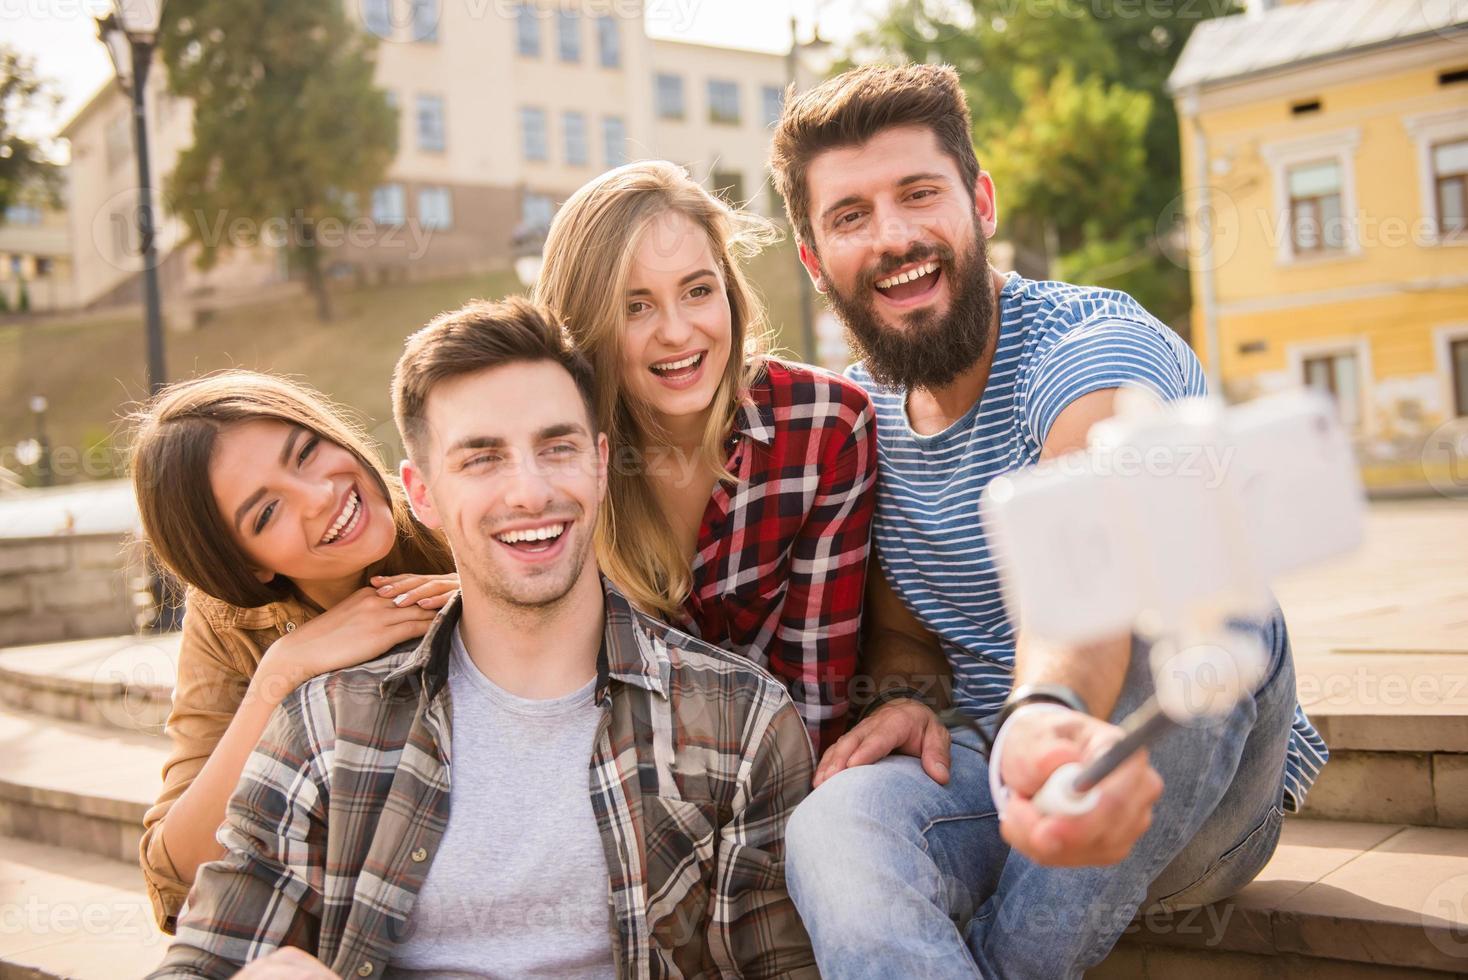 vrienden buitenshuis foto